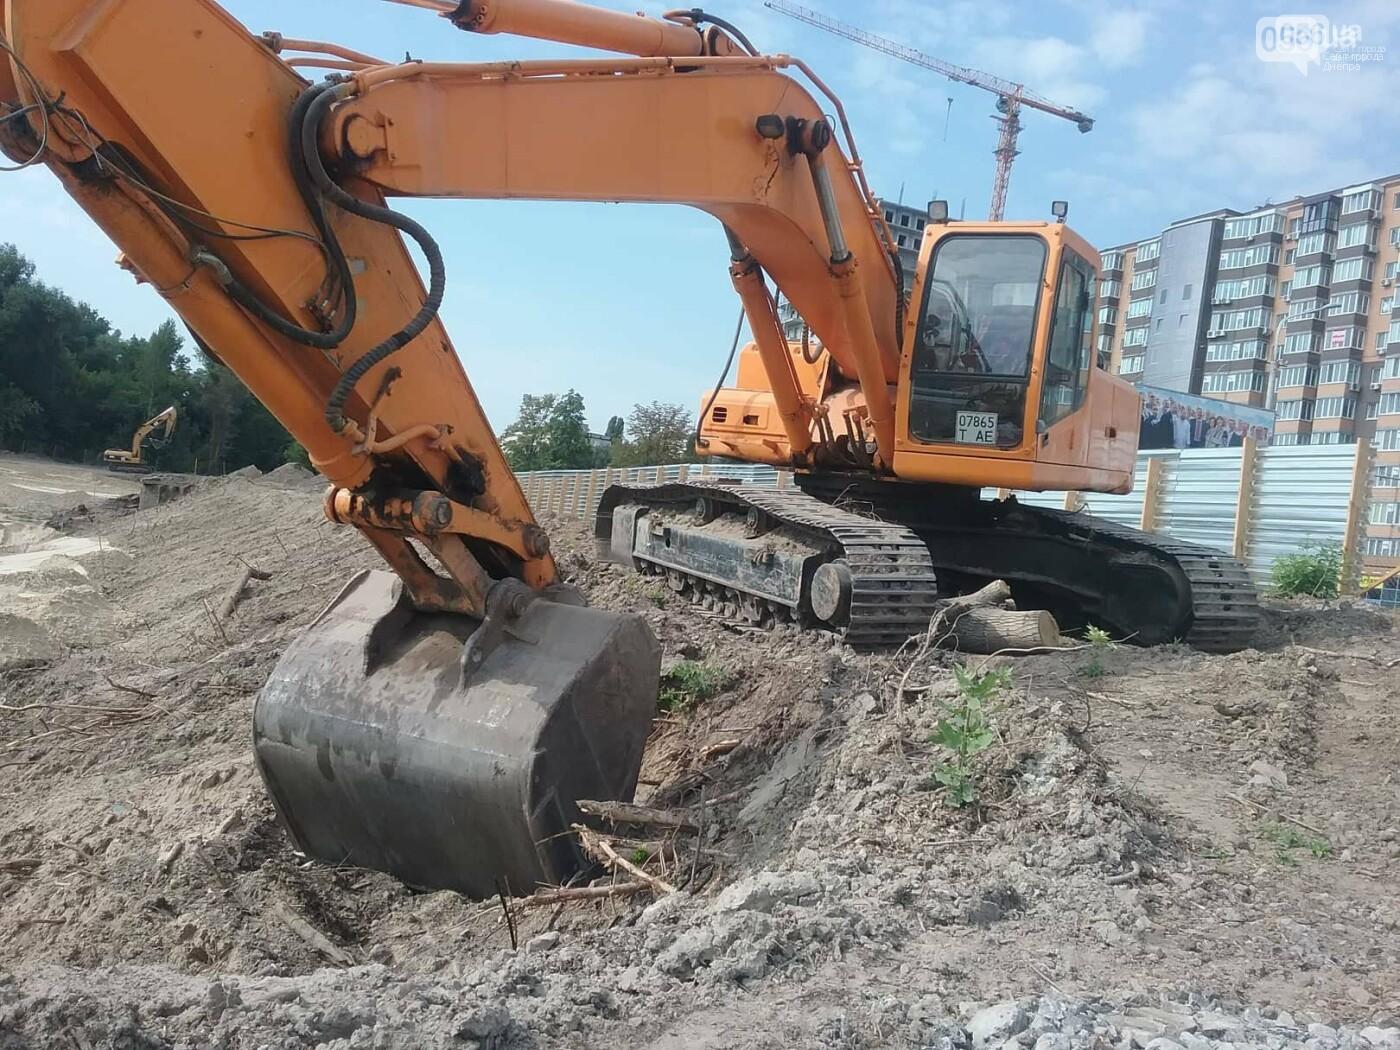 Новый парк в Днепре: какой будет Набережная Победы после реконструкции, фото-4